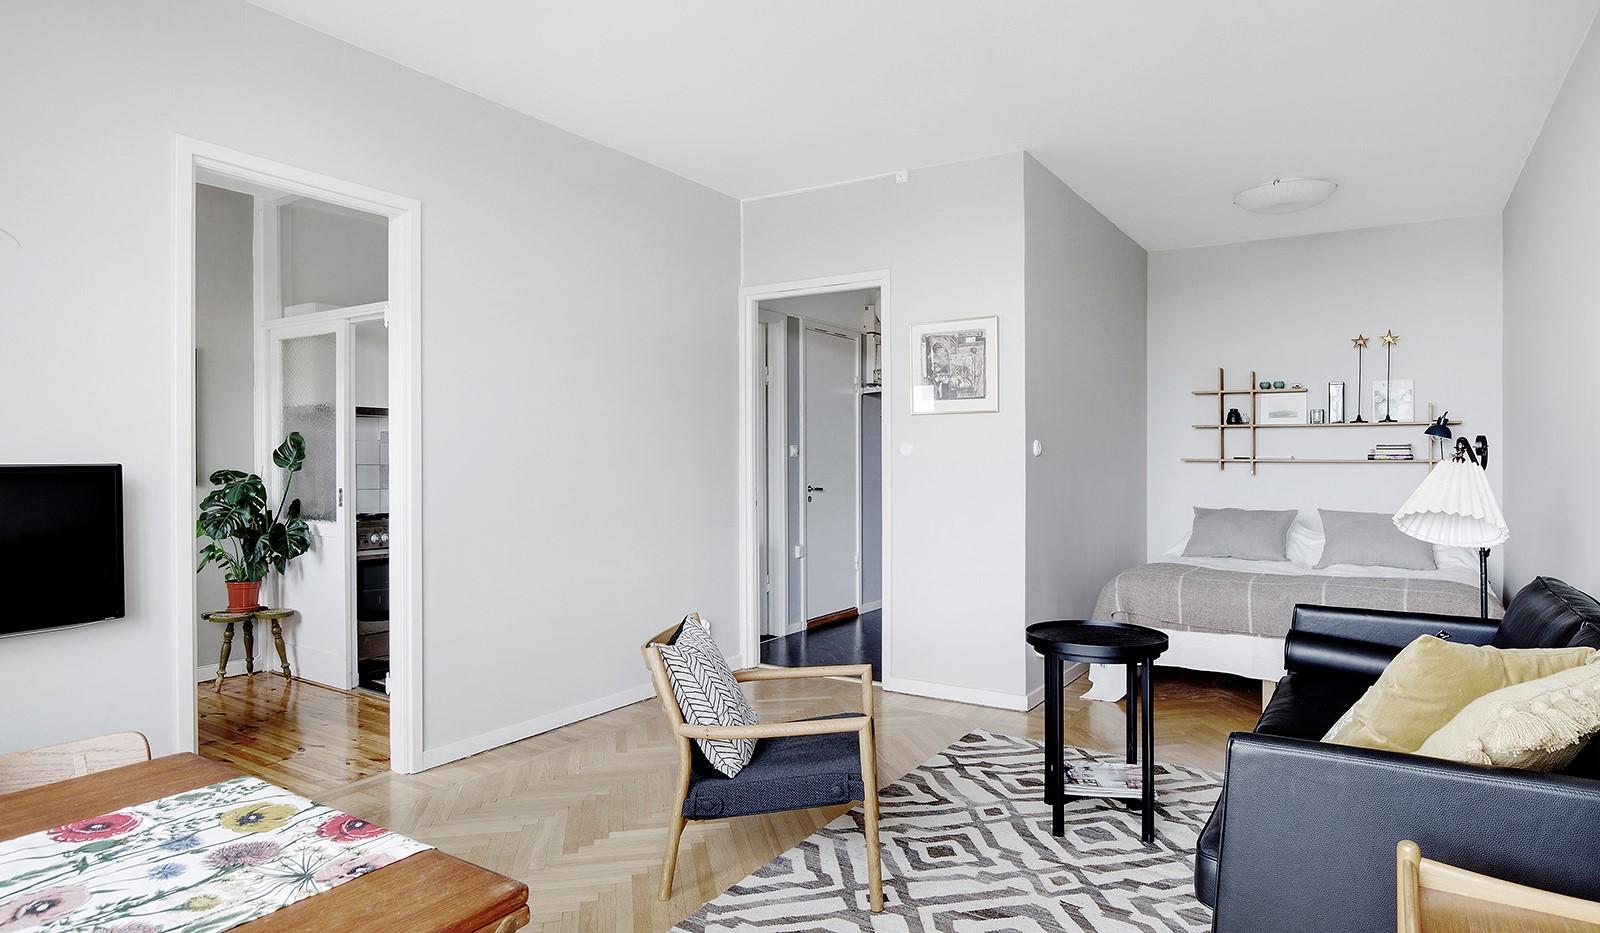 Heleneborgsgatan 20 - Välplanerad lägenhet där varje kvadratmeter utnyttjas på bästa sätt.